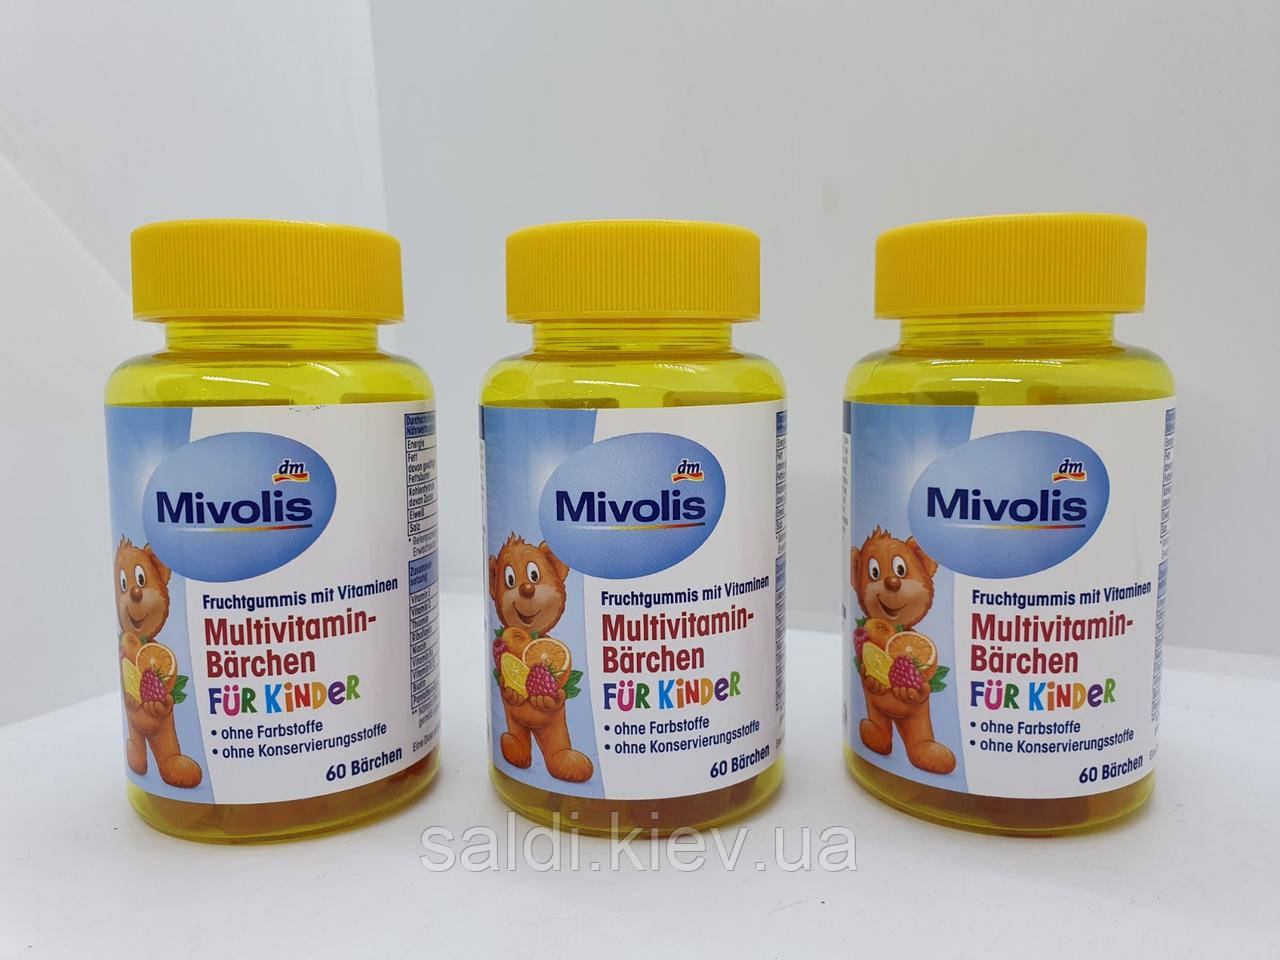 Мультивитамины для детей Mivolis Multivitamin Kinder 60 шт